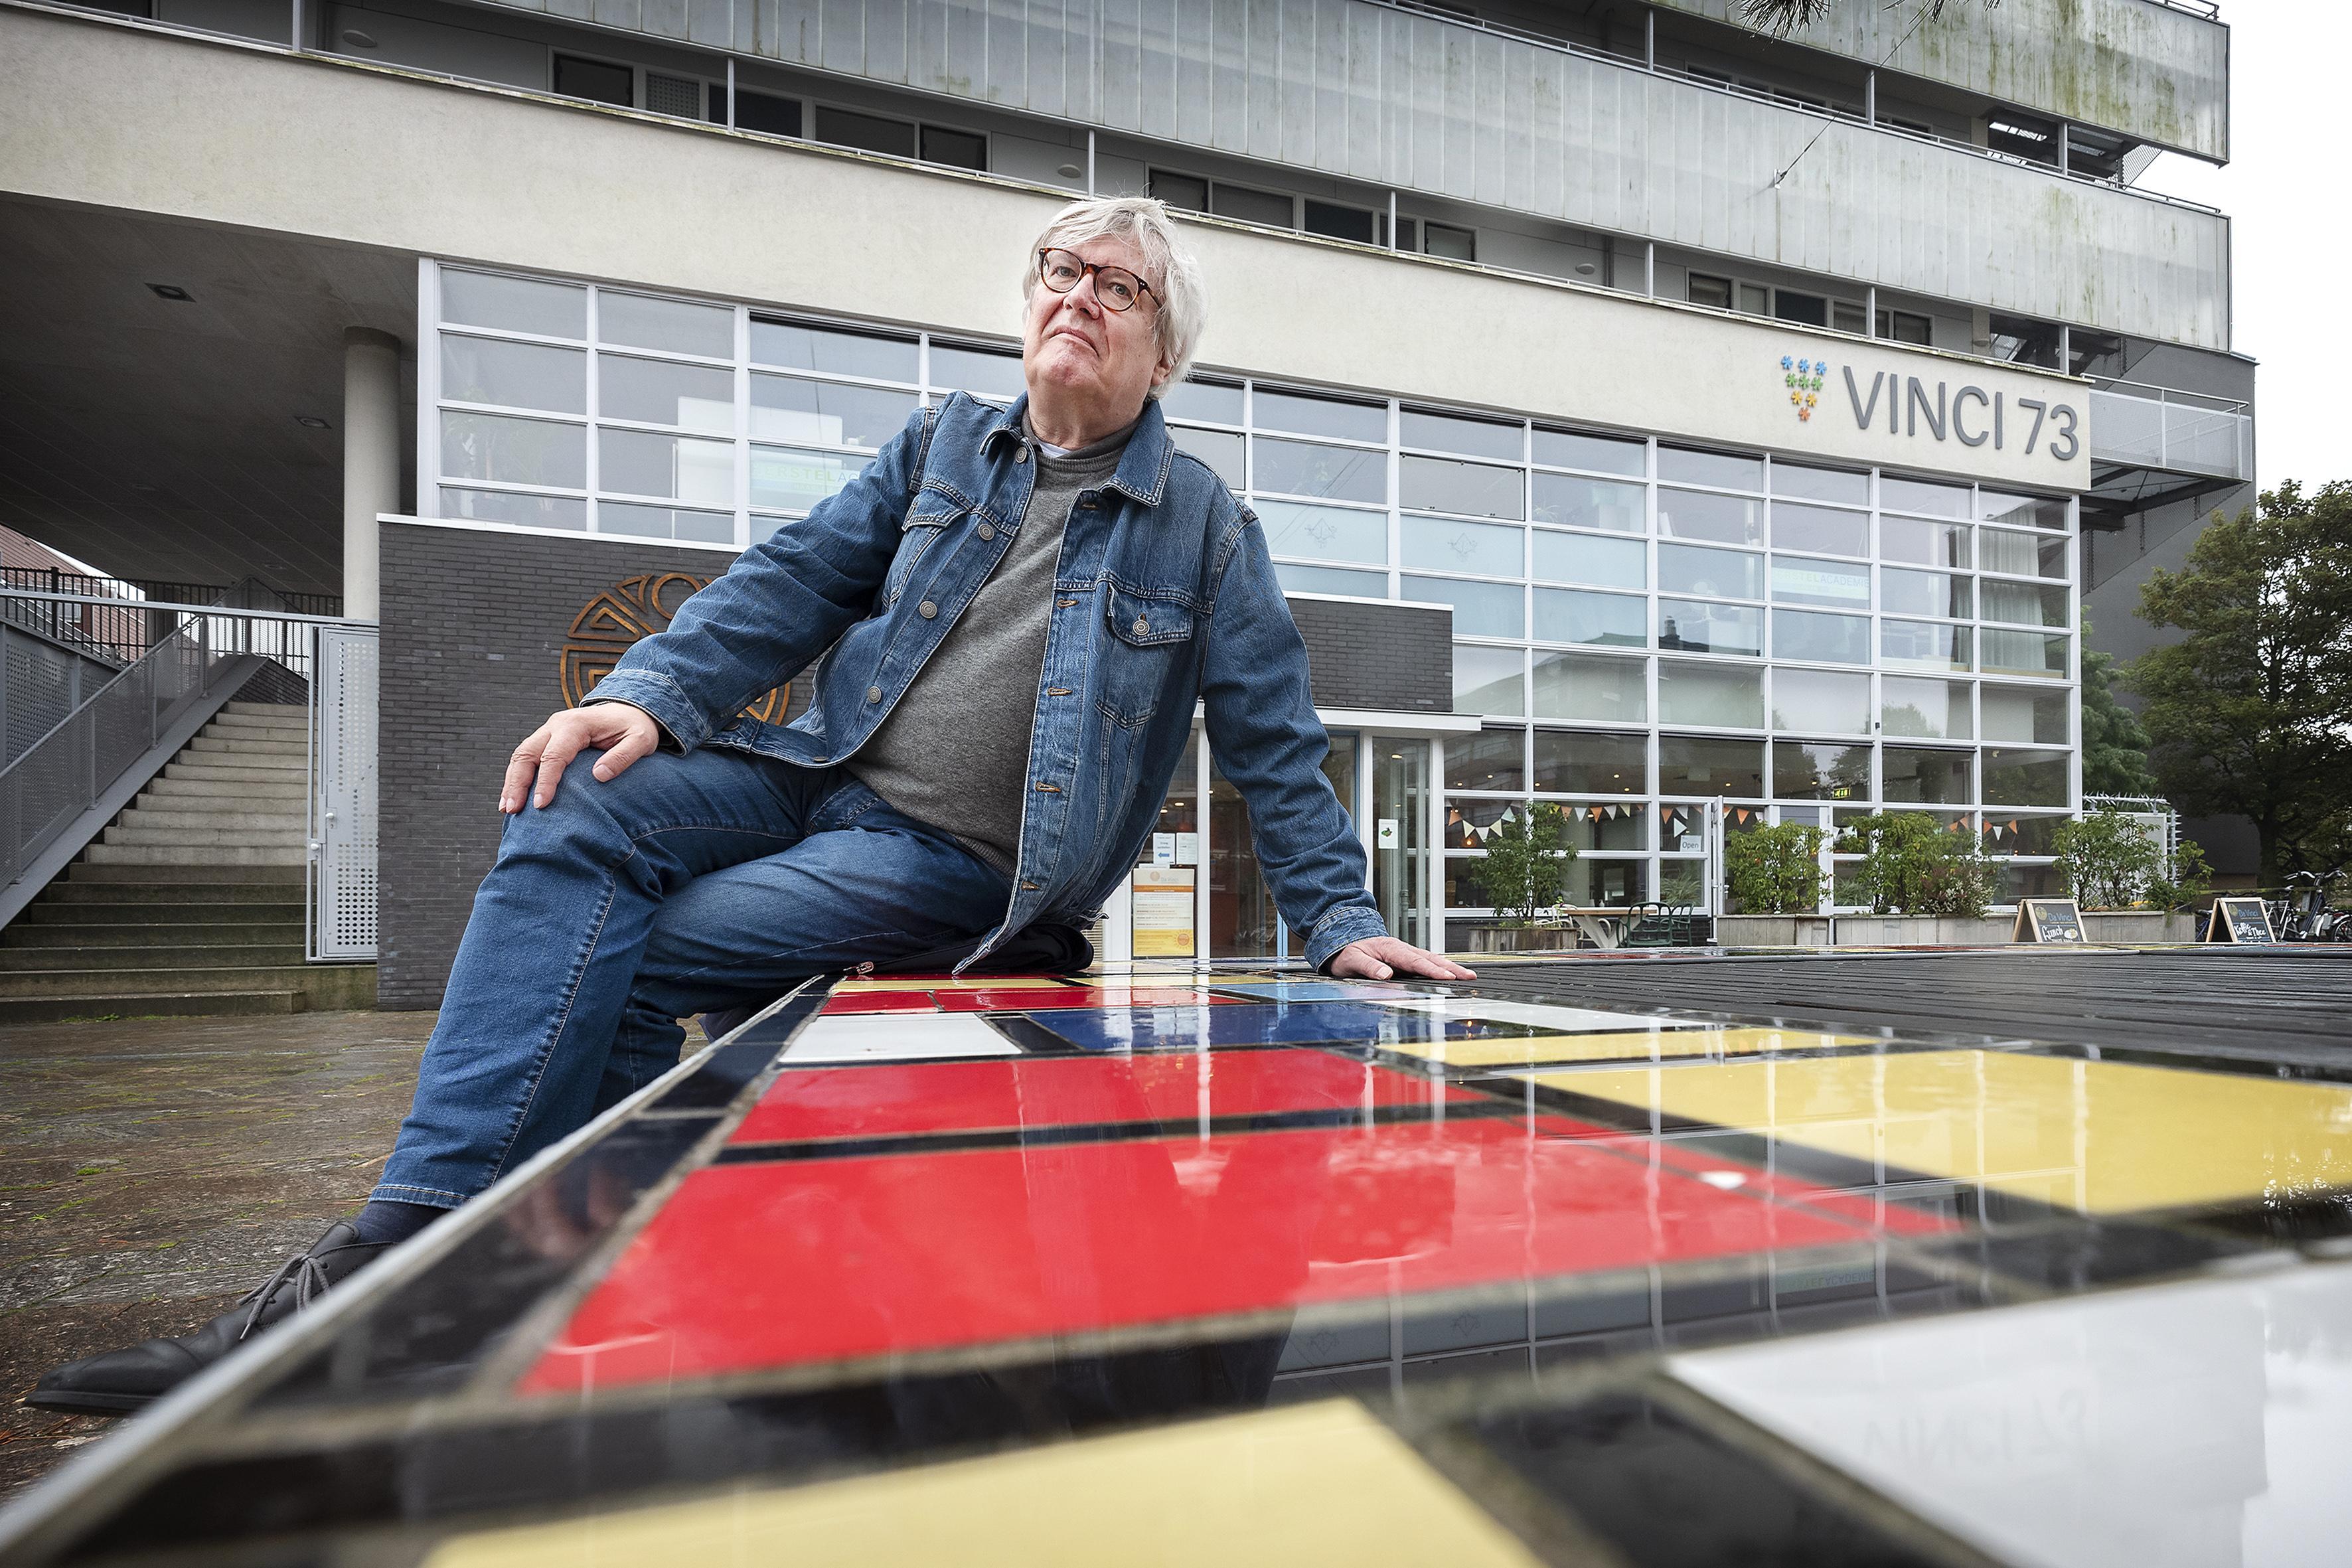 Scheidend voorzitter wijkraad Haarlem-Meerwijk Frank Hilterman ziet de toekomst zonnig in: 'Op naar een klimaatneutraal Meerwijk, een prachtige plek om te wonen'